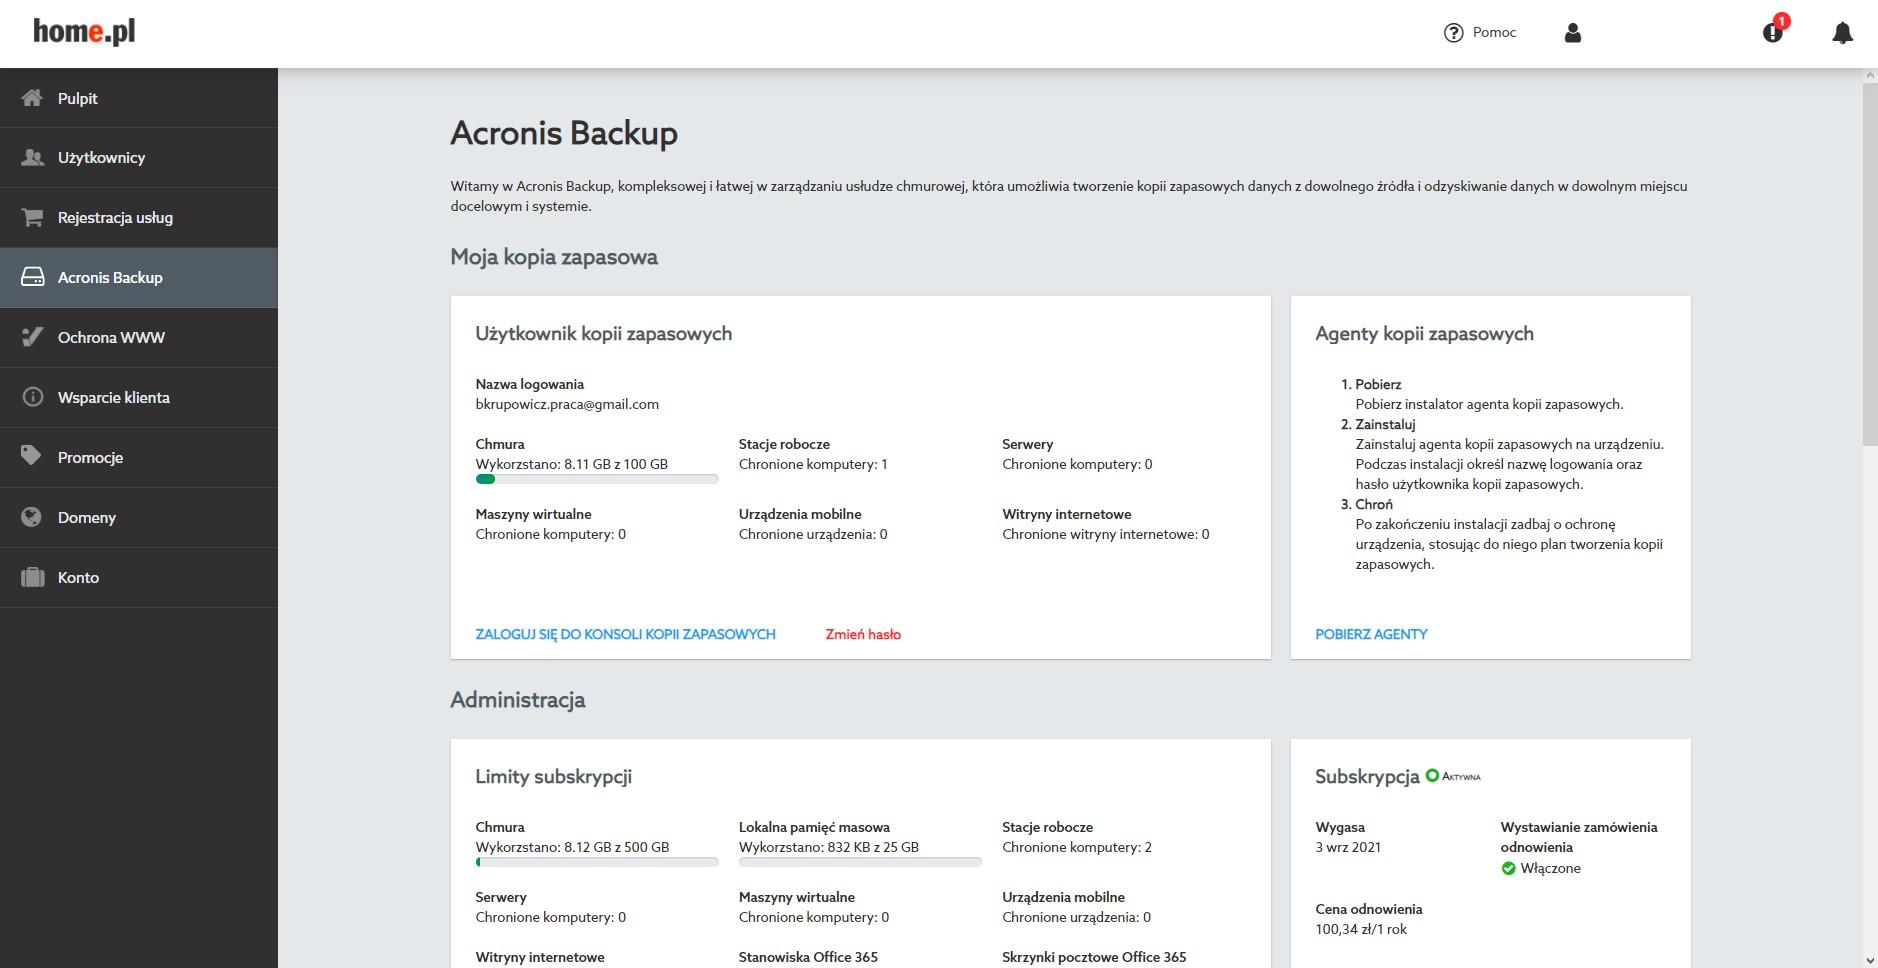 Acronis Backup – panel zarządzania usługą i kontem